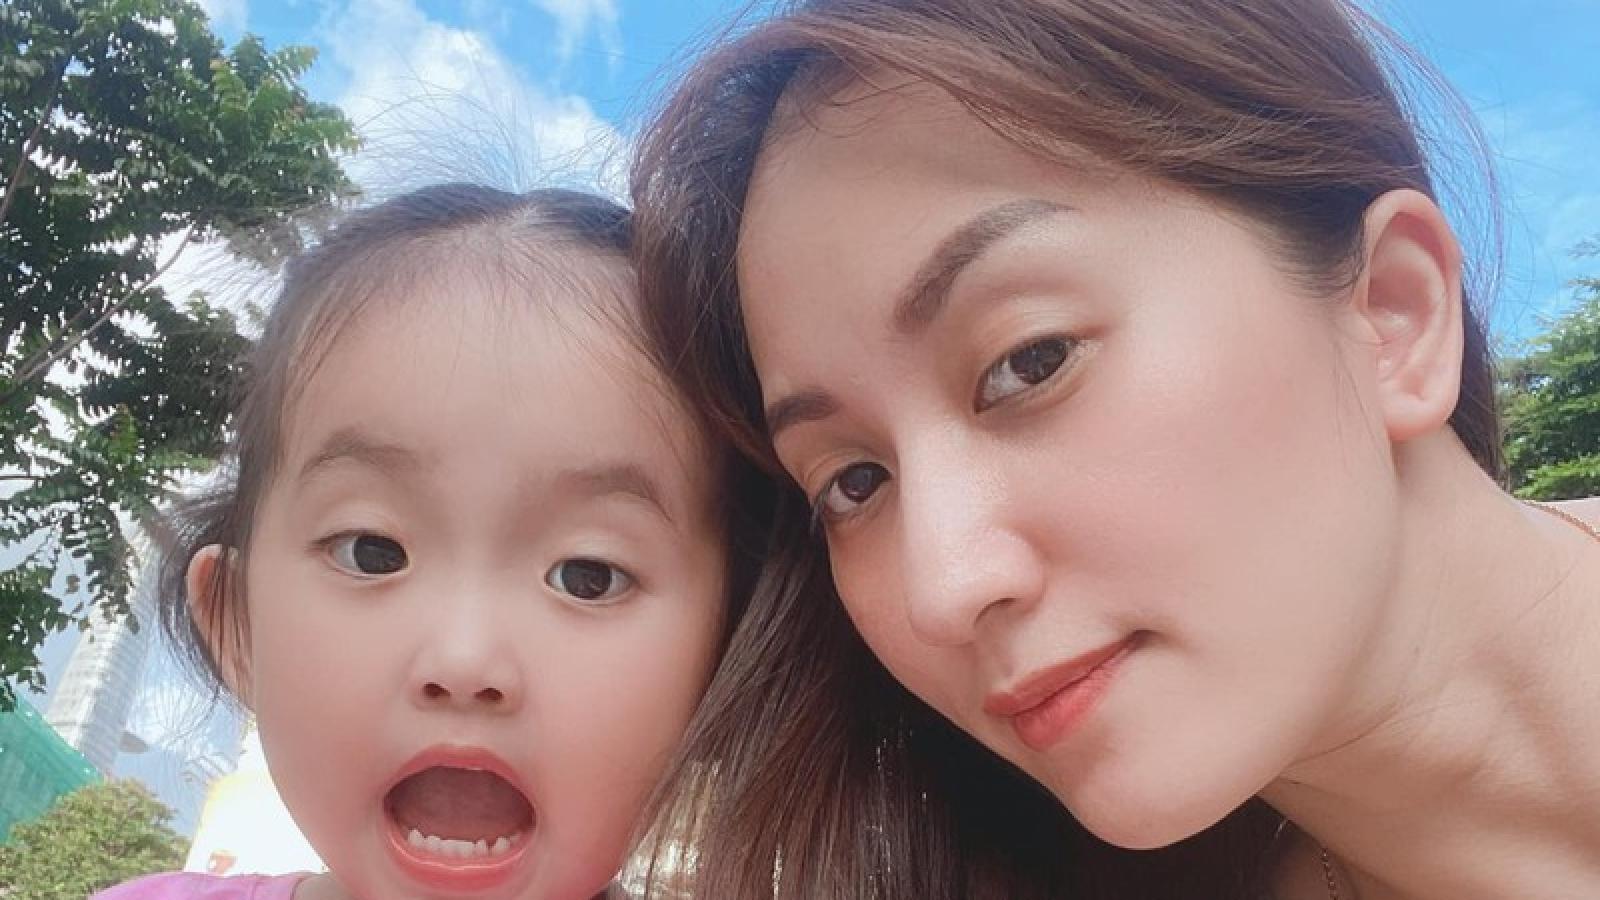 Chuyện showbiz: Khánh Thi khoe nhan sắc trẻ đẹp khi chụp ảnh với con gái